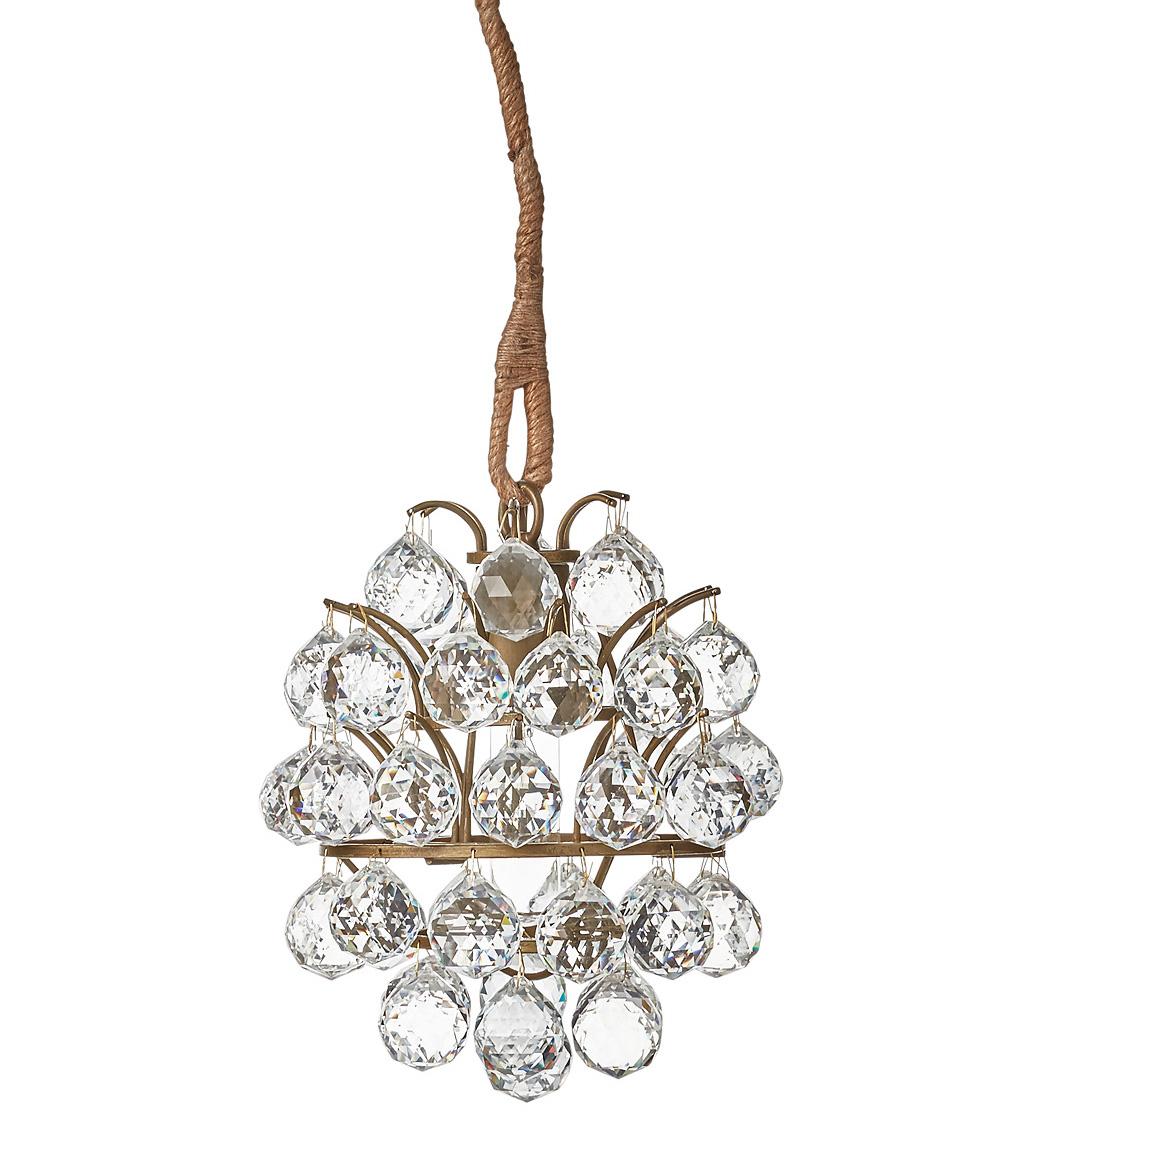 Charme de provence kronleuchter landhausleuchter lene bjerre onlineshop - Kronleuchter mit kristallen ...